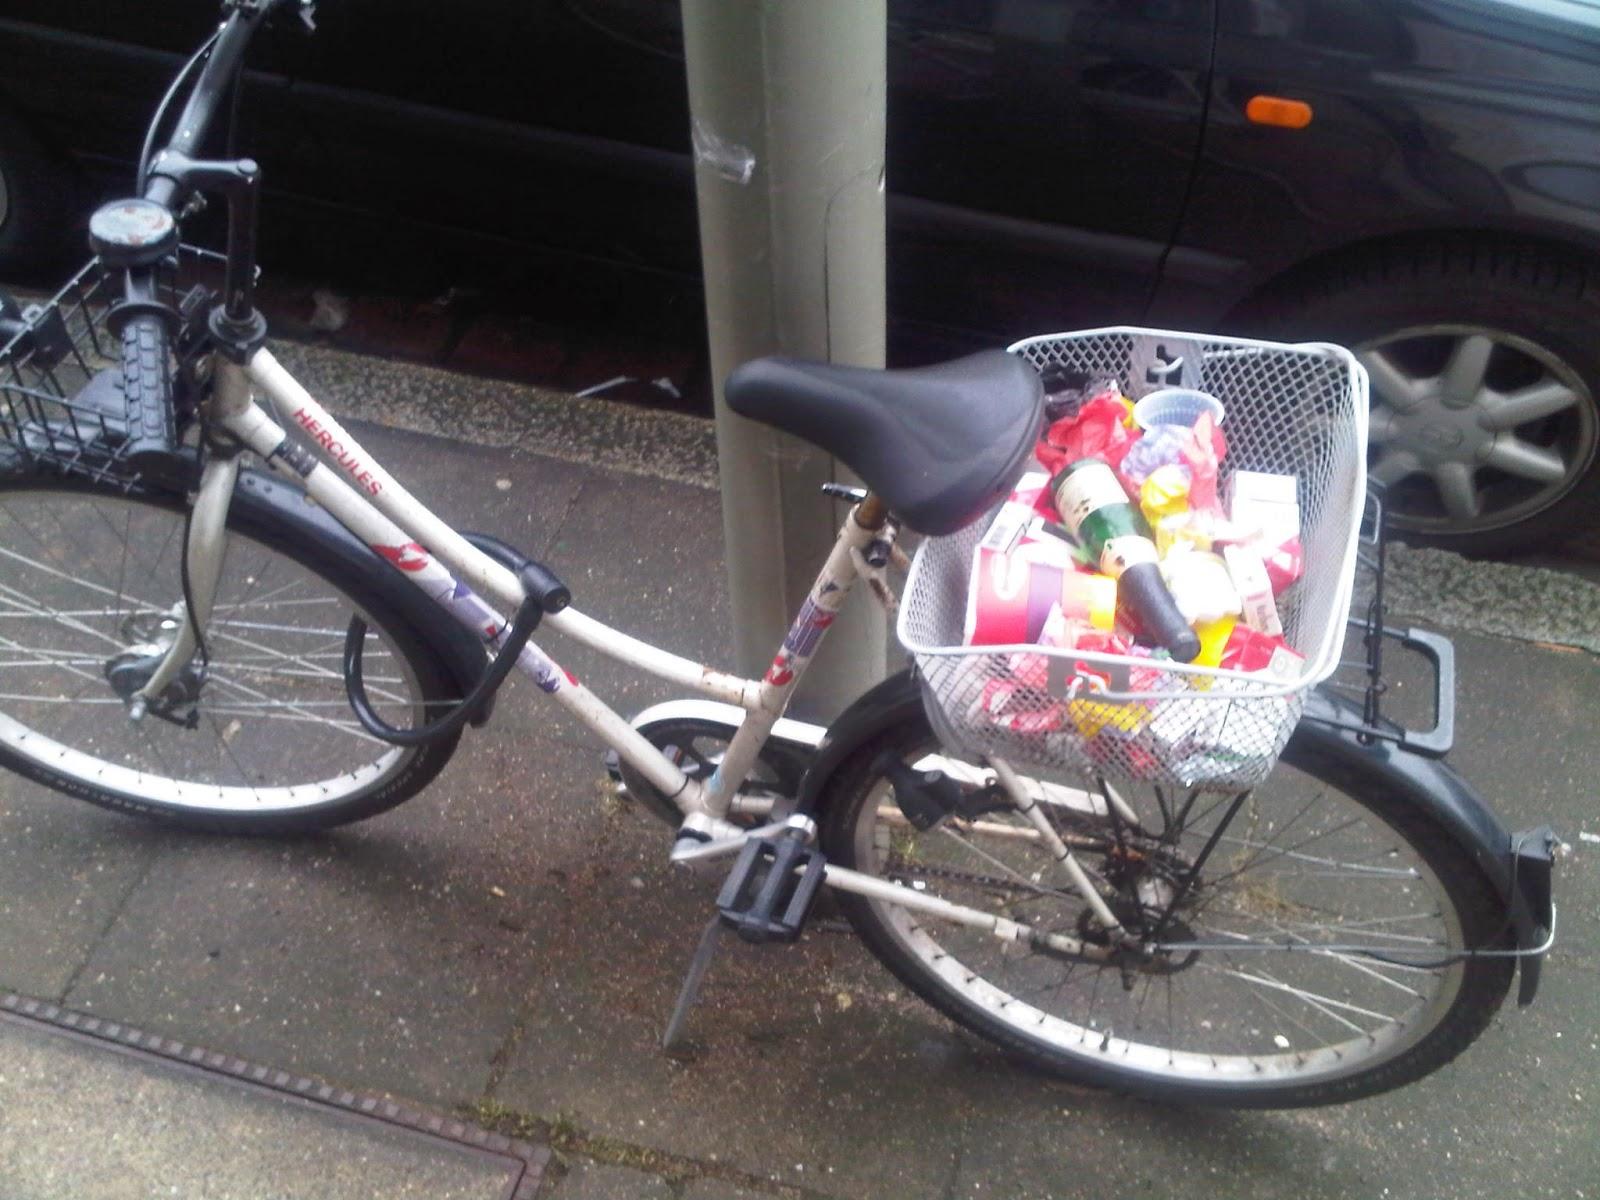 Fahrrad am Straßenrand mit Müll im Korb. Flaschen, Becher, Zigarettenpackungen etc. im Fahrradkorb.